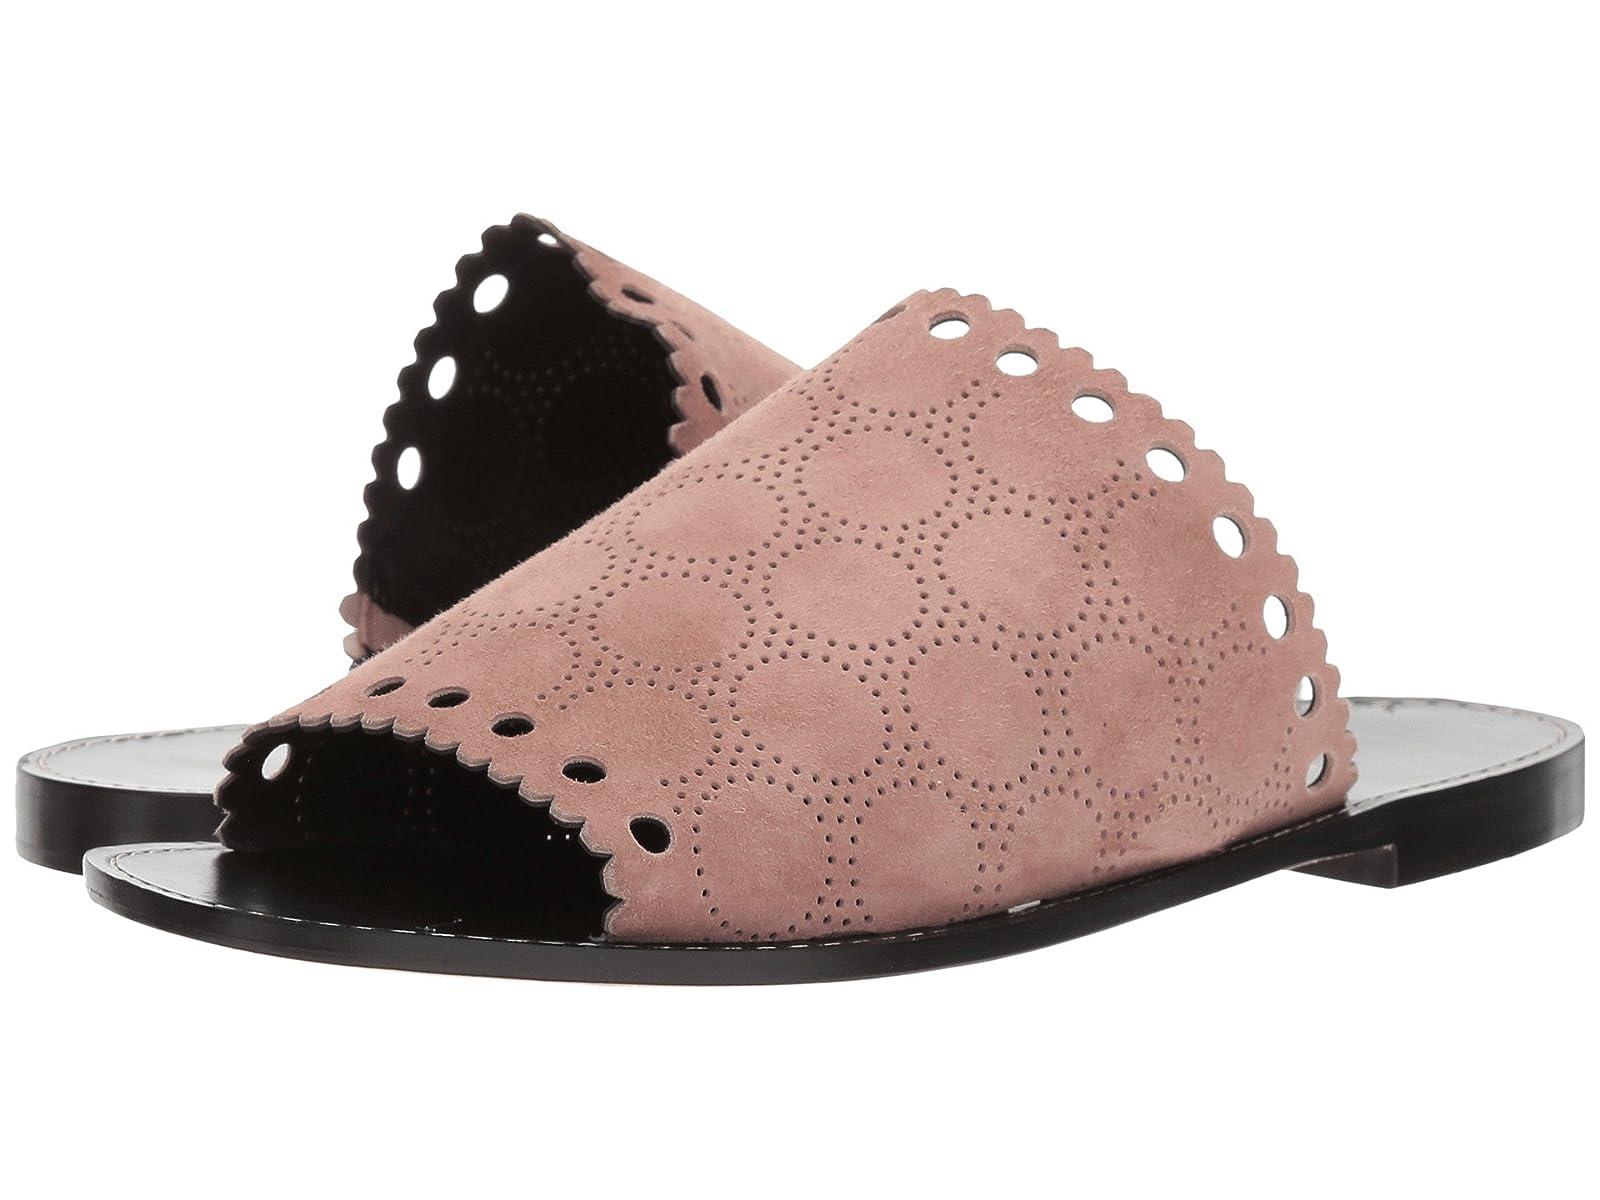 Diane von Furstenberg EstevanCheap and distinctive eye-catching shoes